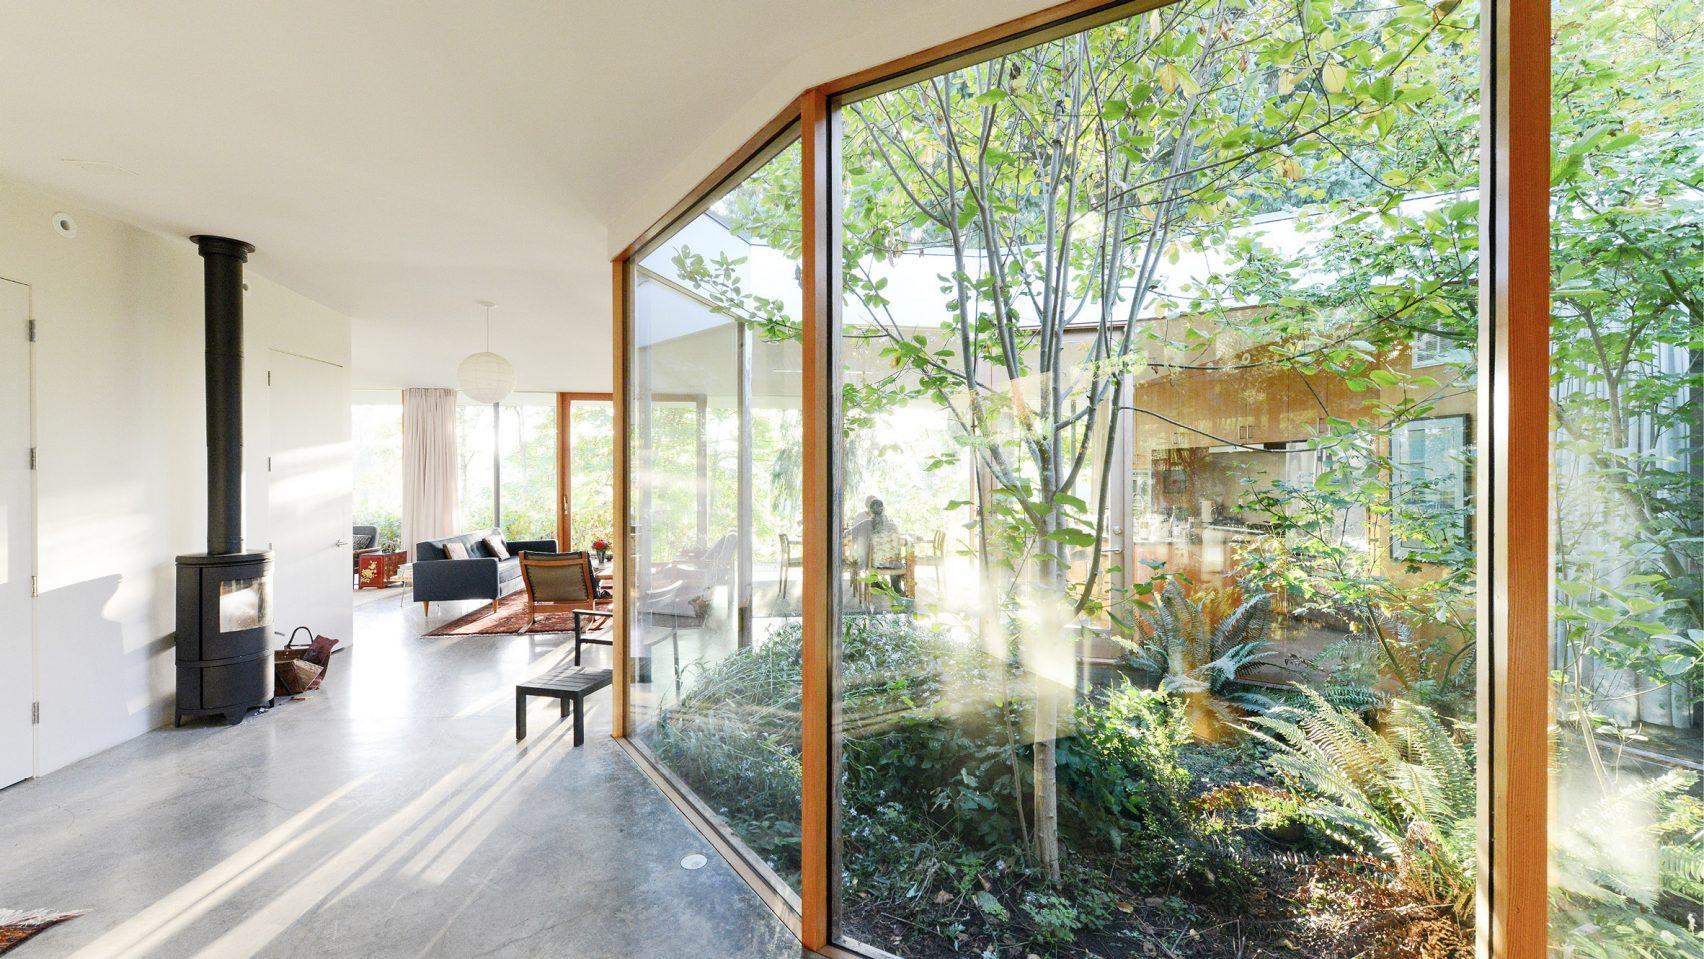 Thiết kế ánh sáng trong nhà